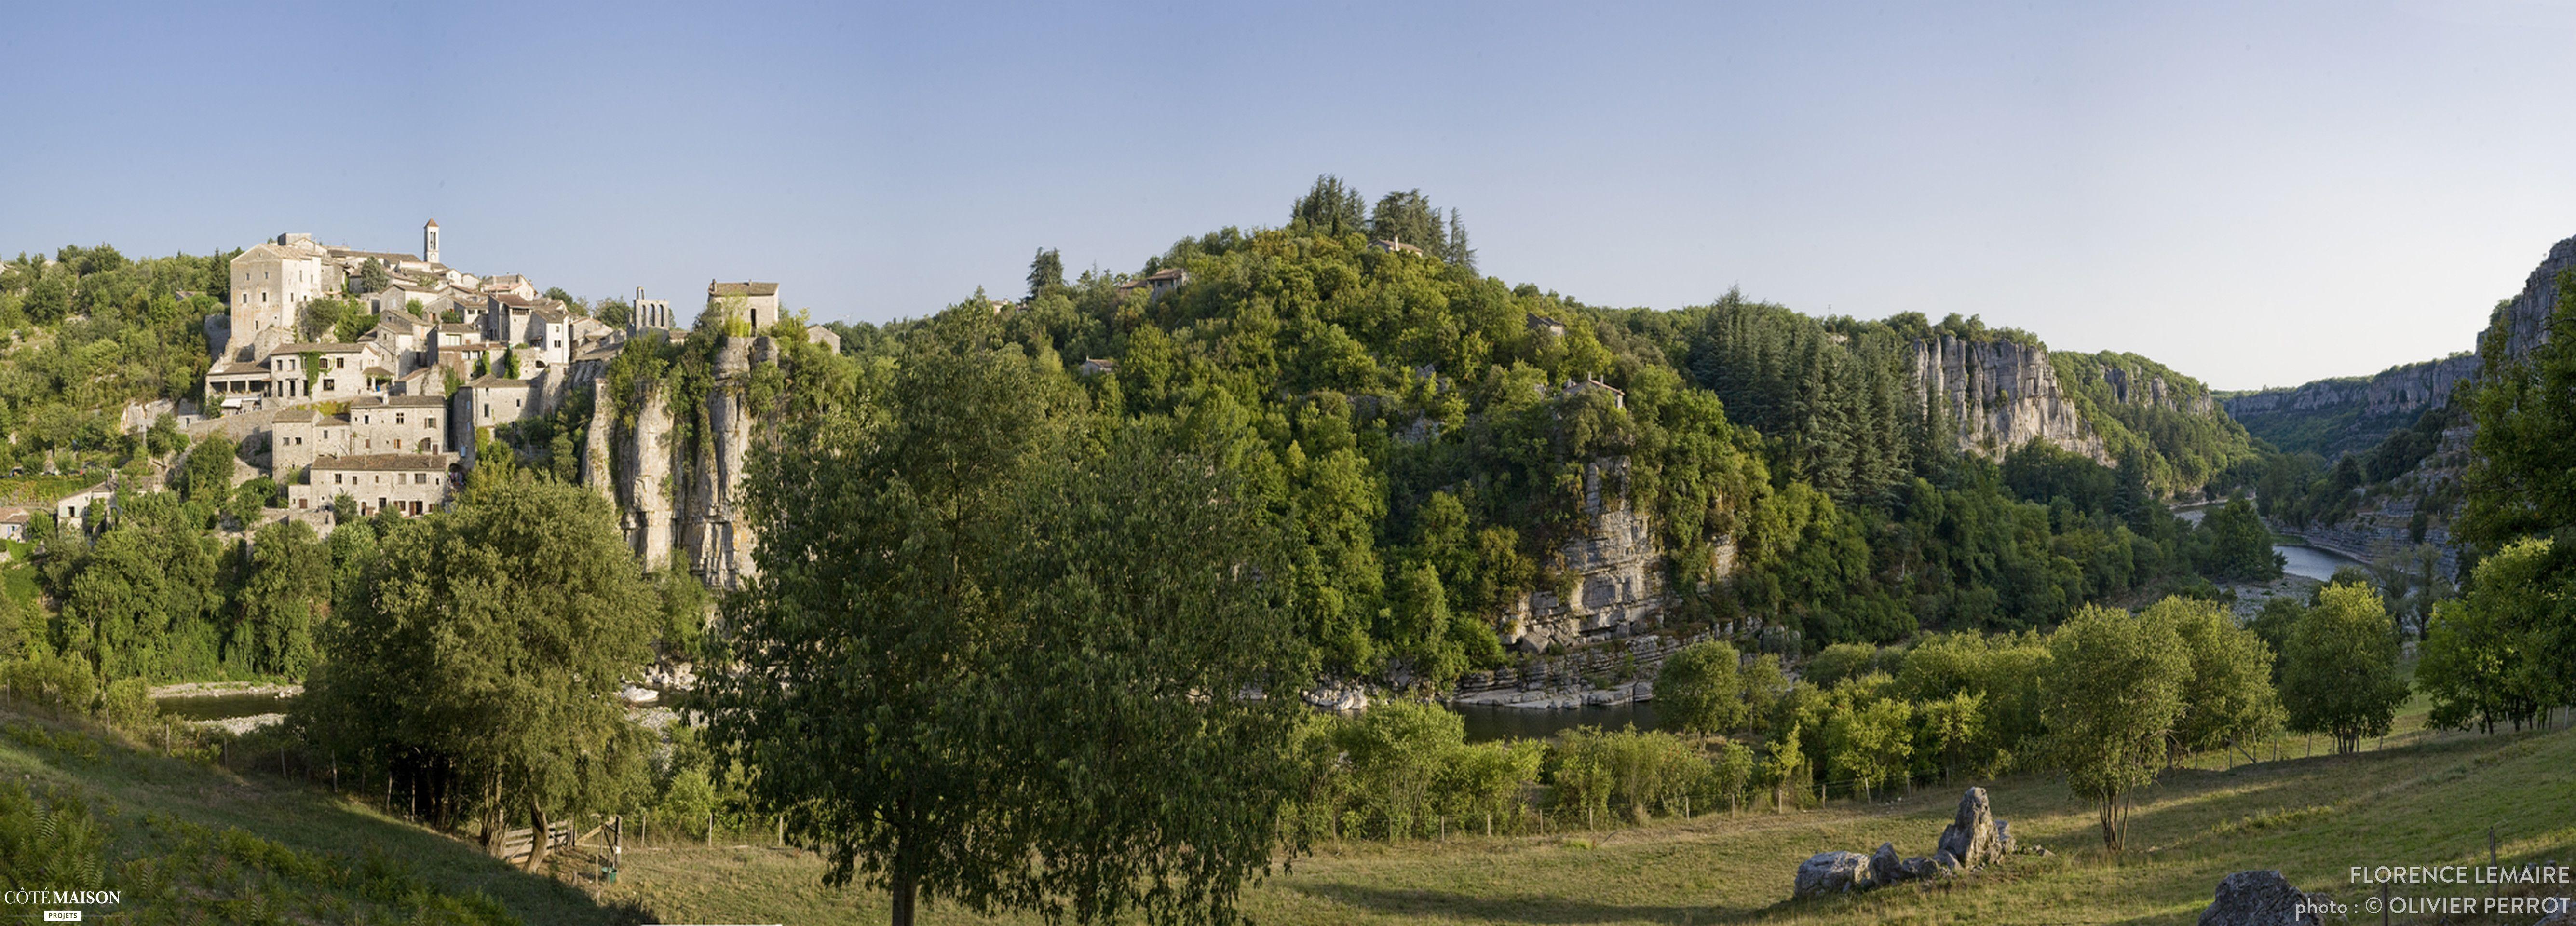 Au cœur de Balazuc labellisé plus beau village de France et